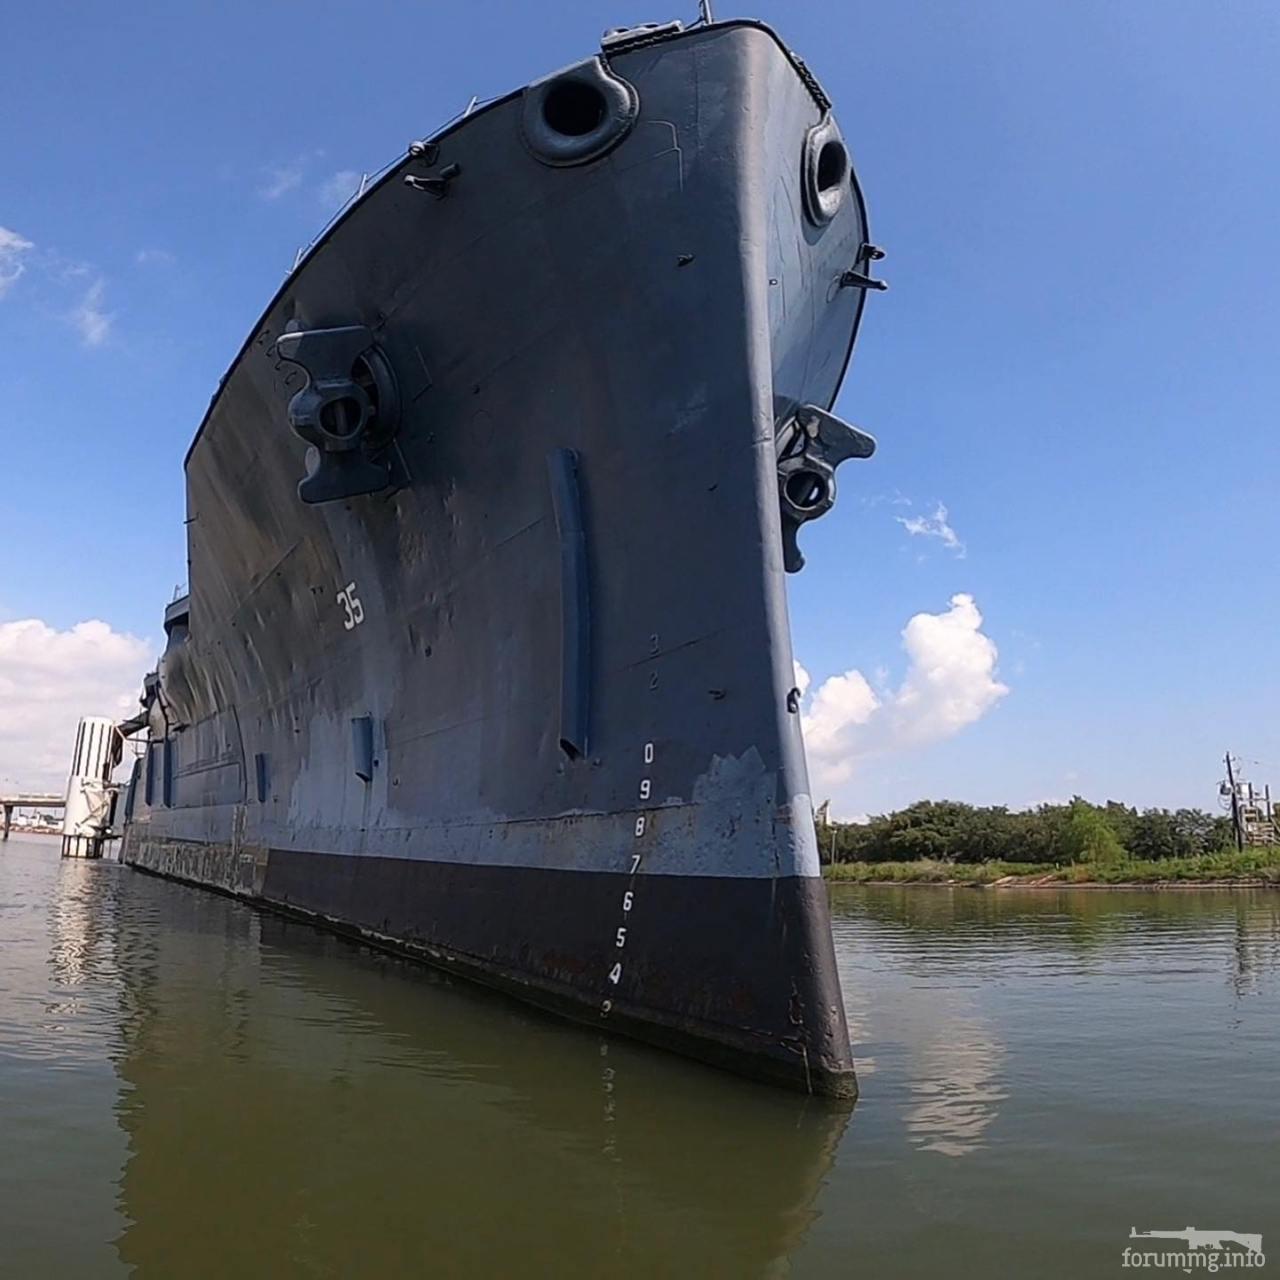 118037 - USS Texas (BB-35)